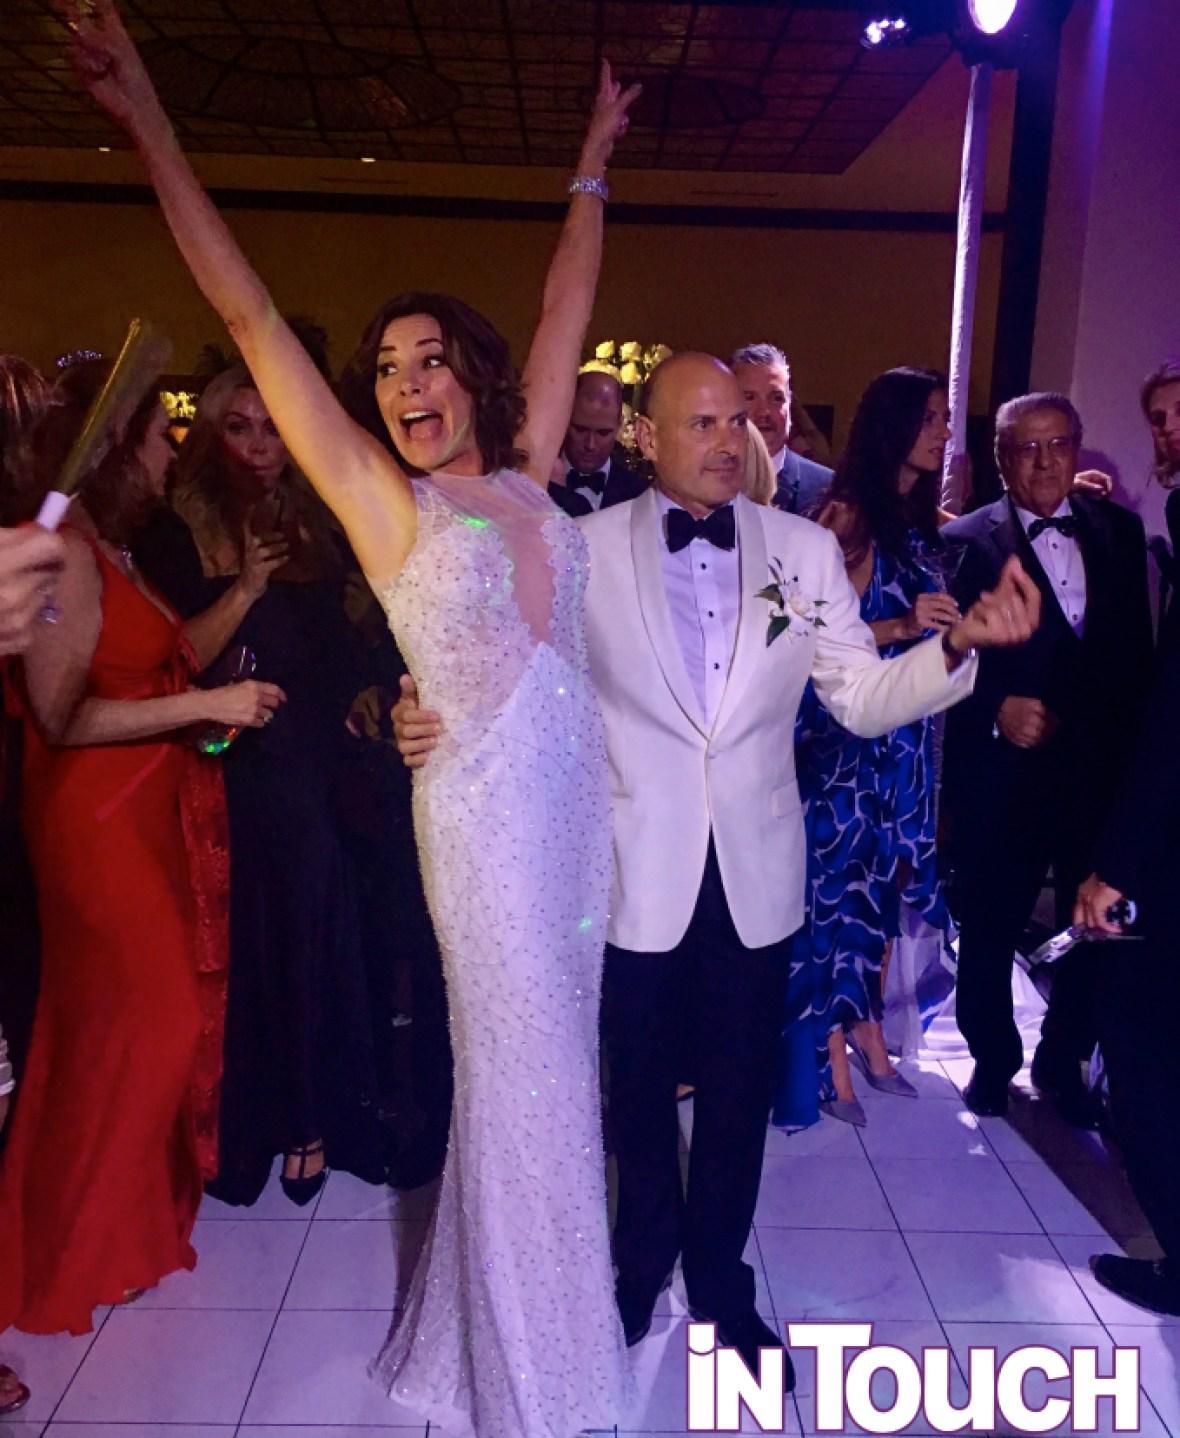 luann de lesseps wedding